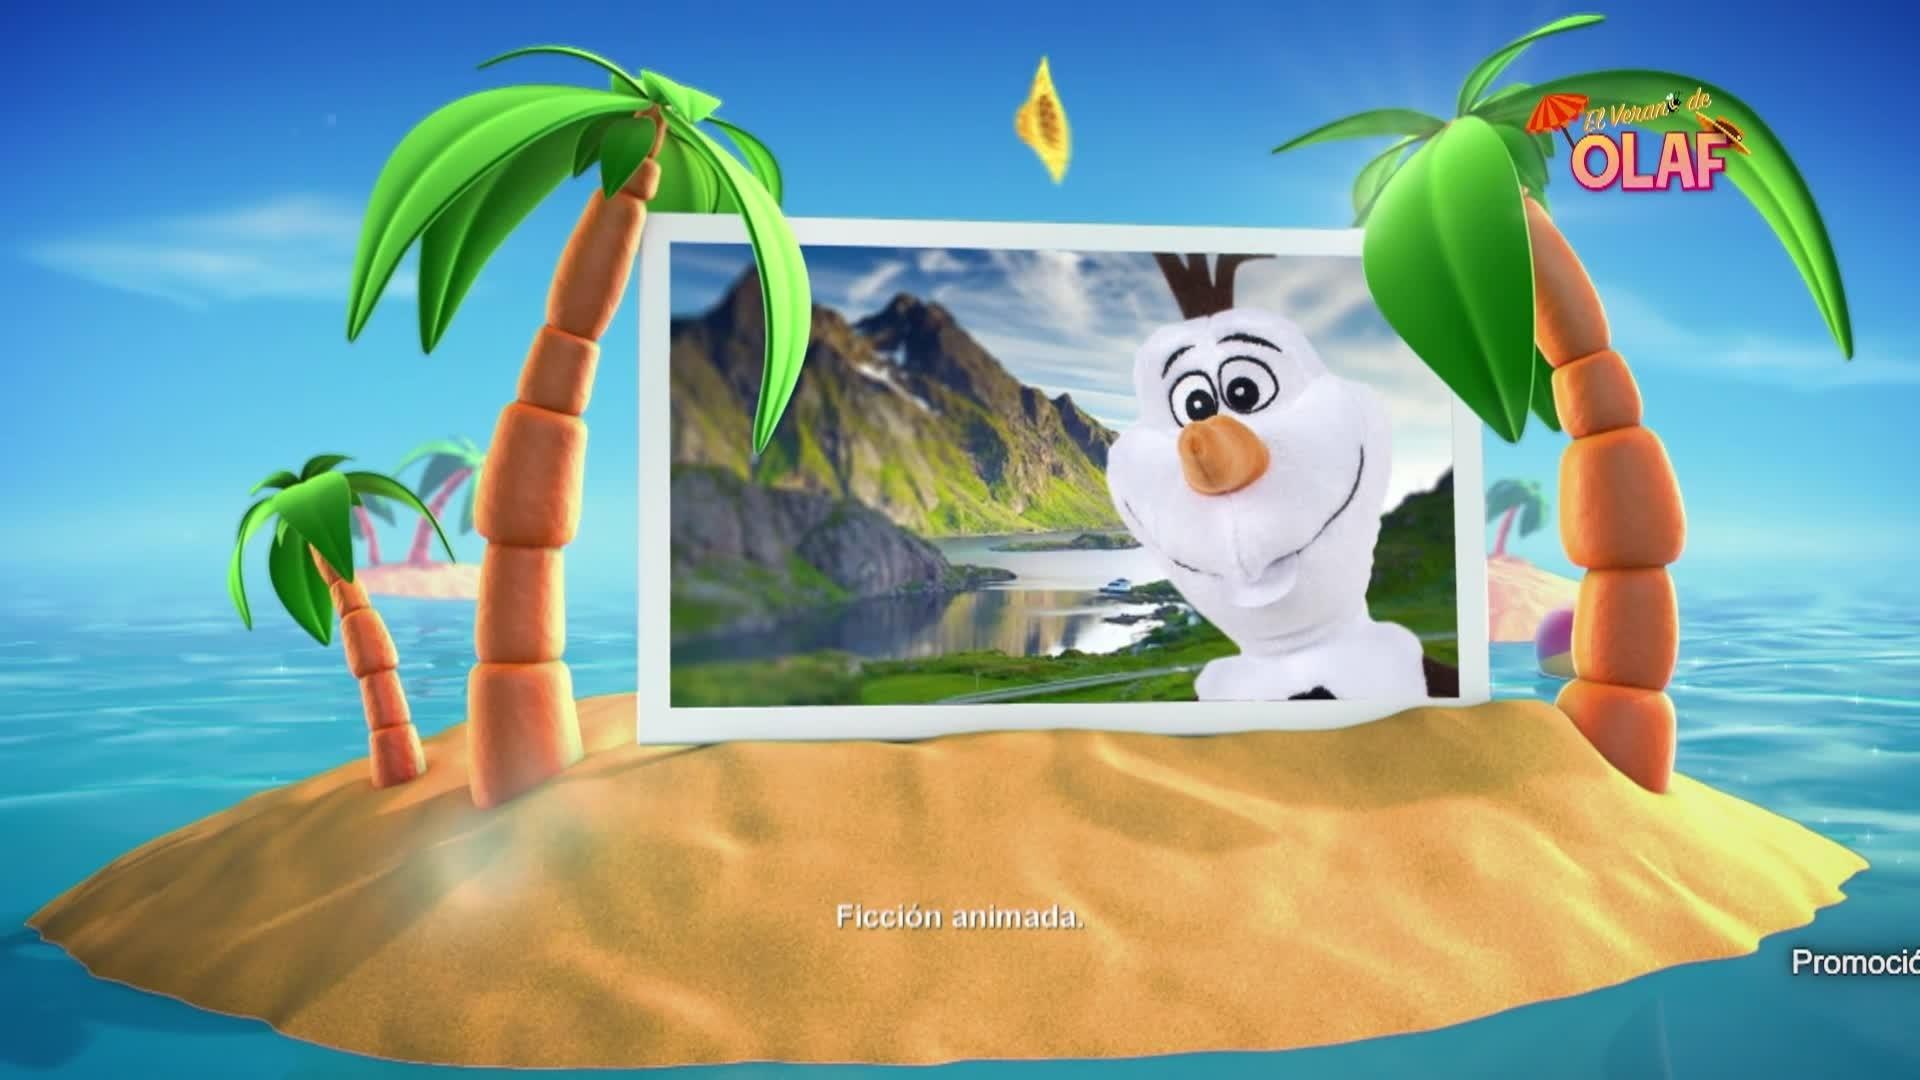 El Verano de Olaf